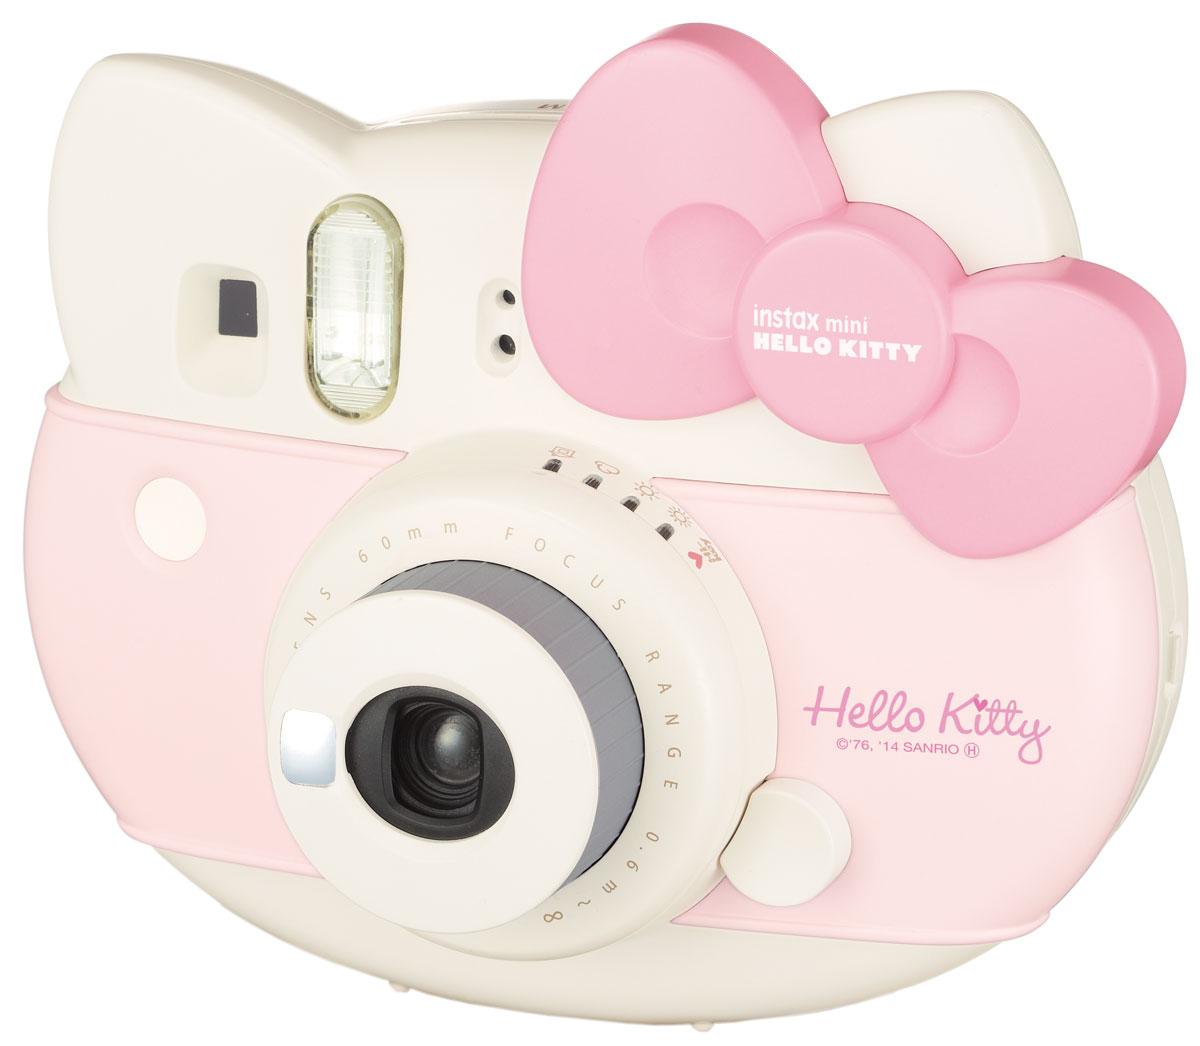 Fujifilm Instax Mini Hello Kitty, Pink фотоаппарат моментальной печати16444064Трогательный Instax Mini Hello Kitty является достойным представителем семьи Instax. В набор включены аксессуары Hello Kitty лимитированной серии: разноцветный ремешок для ношения на плече, кассета Hello Kitty на 10 снимков, а также комплект наклеек с этим милым котиком.В Instax Mini Hello Kitty предусмотрена возможность настройки стандартной экспозиции в 4 уровня: солнечно, облачно, пасмурно и в помещении. В дополнение к этим экспозициям в камере Instax Mini Hello Kitty присутствует High-Key съемка: с ее помощью вы будете получать яркие и теплые снимки, благодаря повышению диафрагмы на 2/3 части. При съемке маленьких предметов используйте объектив макро-съемки и на снимке вы получите их увеличенное изображение. В камеру уже встроено зеркальце для селфи и стандартный комплект идет с макро-линзой для съемки с близких расстояний. Выдержка в обозначении 1/60 секРекомендуемое расстояния при съемке 60 см - 3 мОбъектив FujinonРазмер снимка: 64 х 46 ммЗатвор: 1/60 сек.Режим вспышки: авто